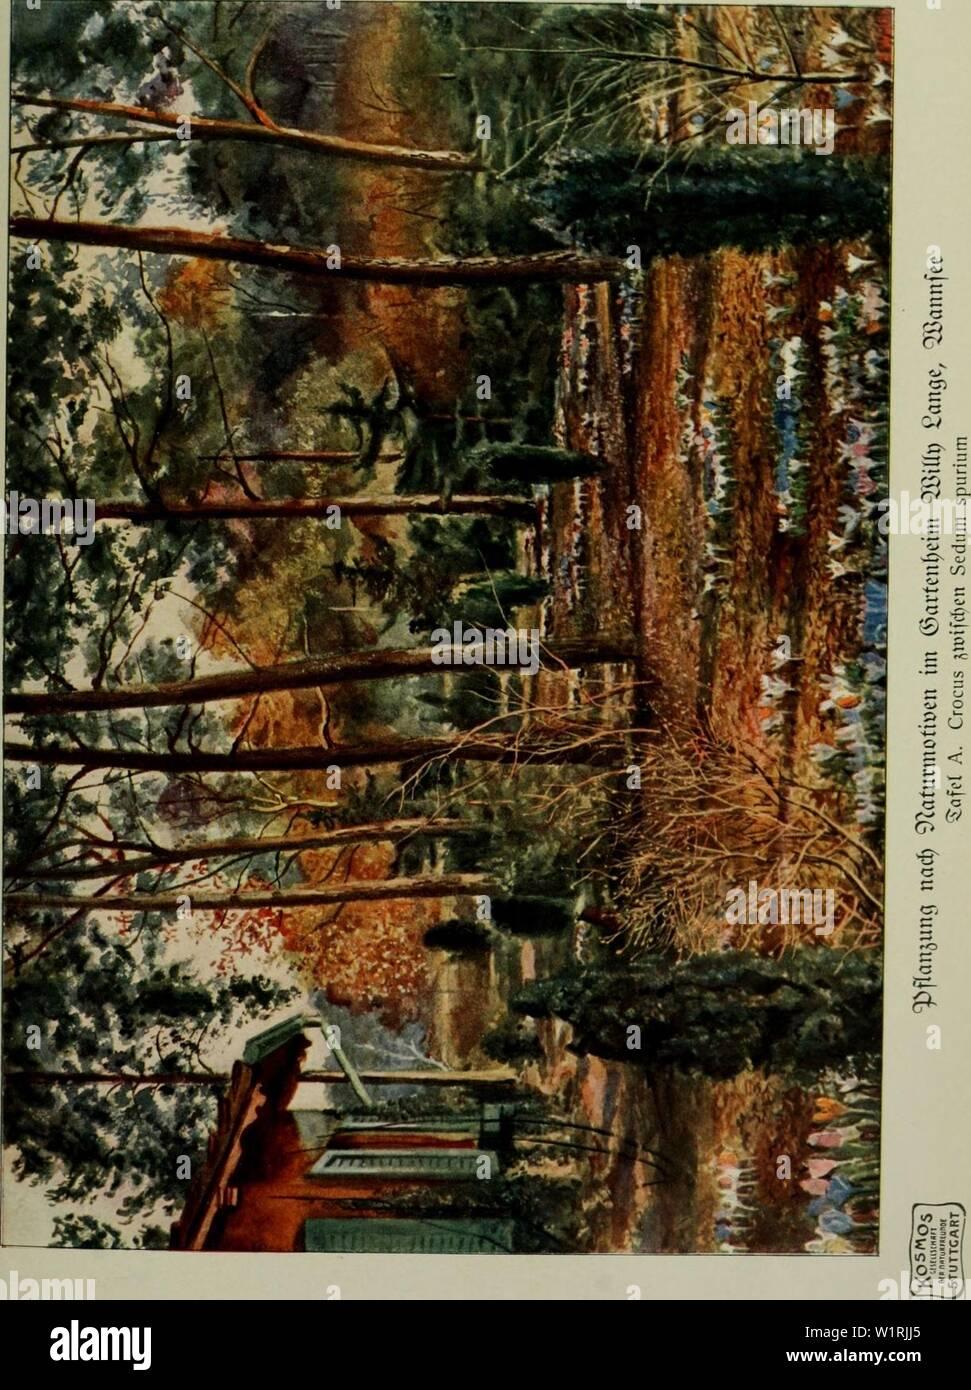 Archiv Bild von Seite 66 von Das Leben der Pflanze (1906). Das Leben der Pflanze daslebenderpflan 07 fran Jahr: 1906 Stockfoto